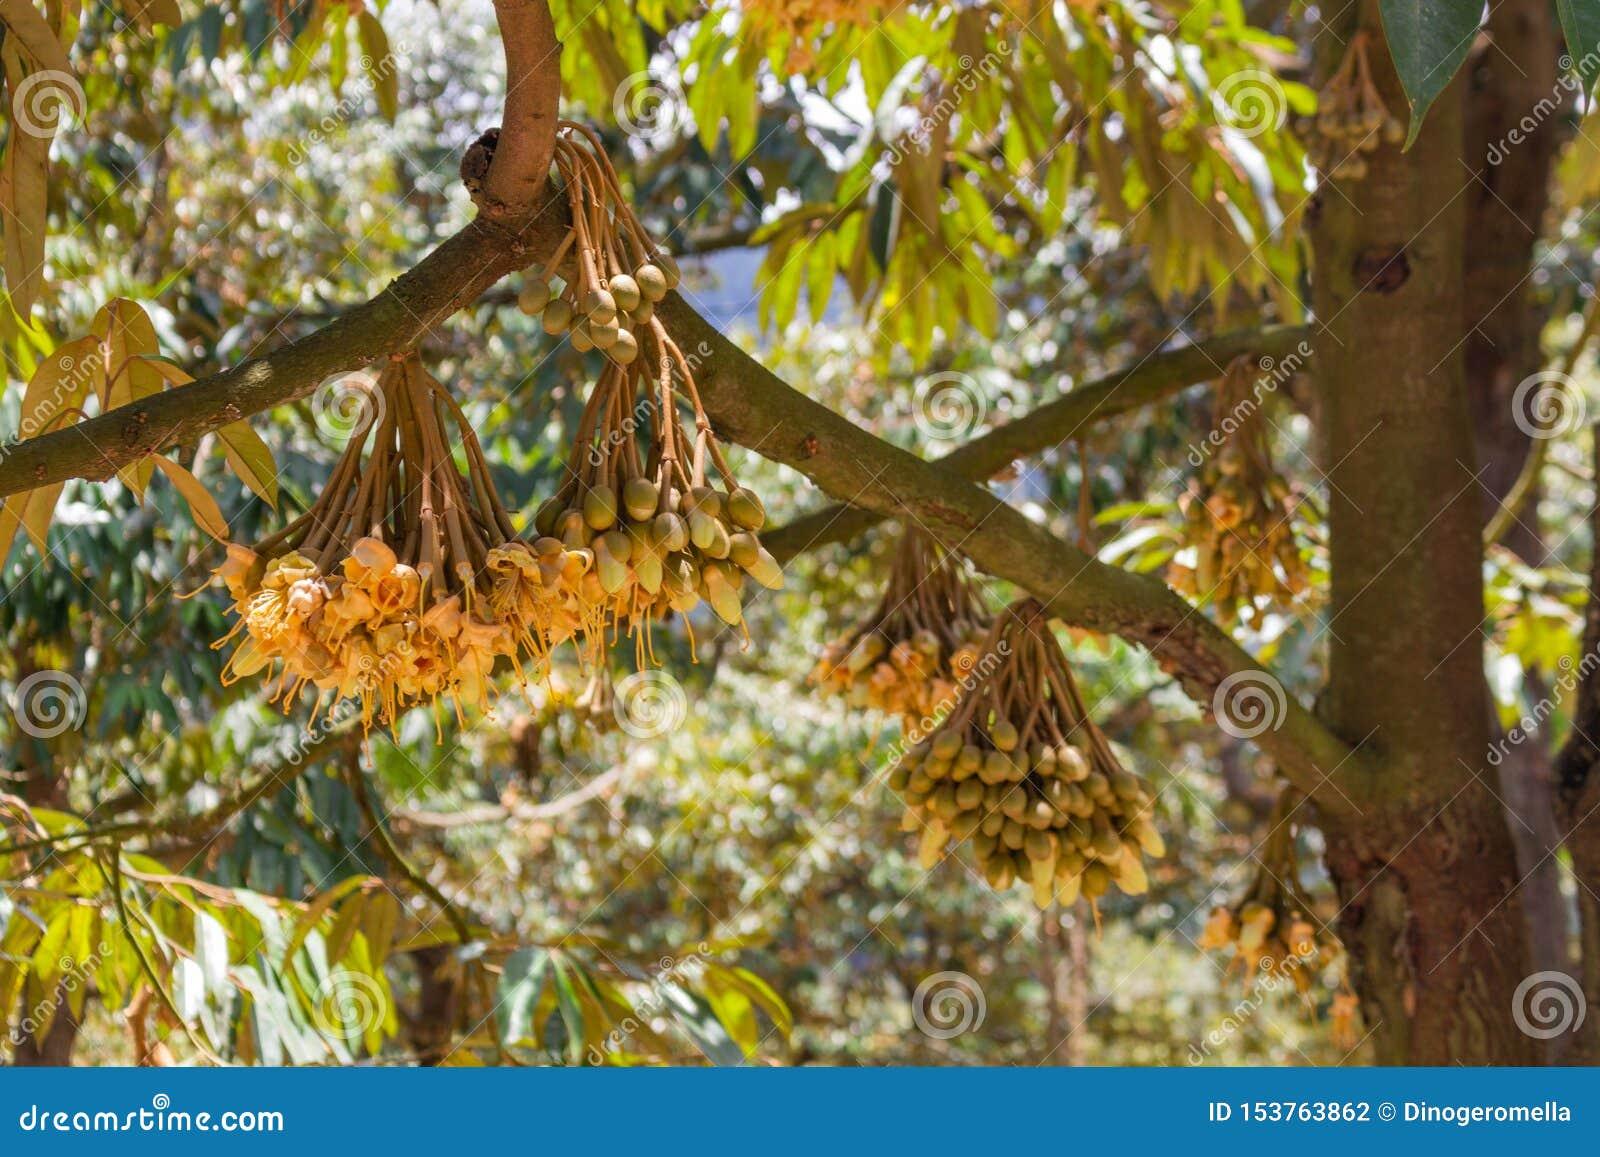 Pequeño crecimiento de frutas del mango